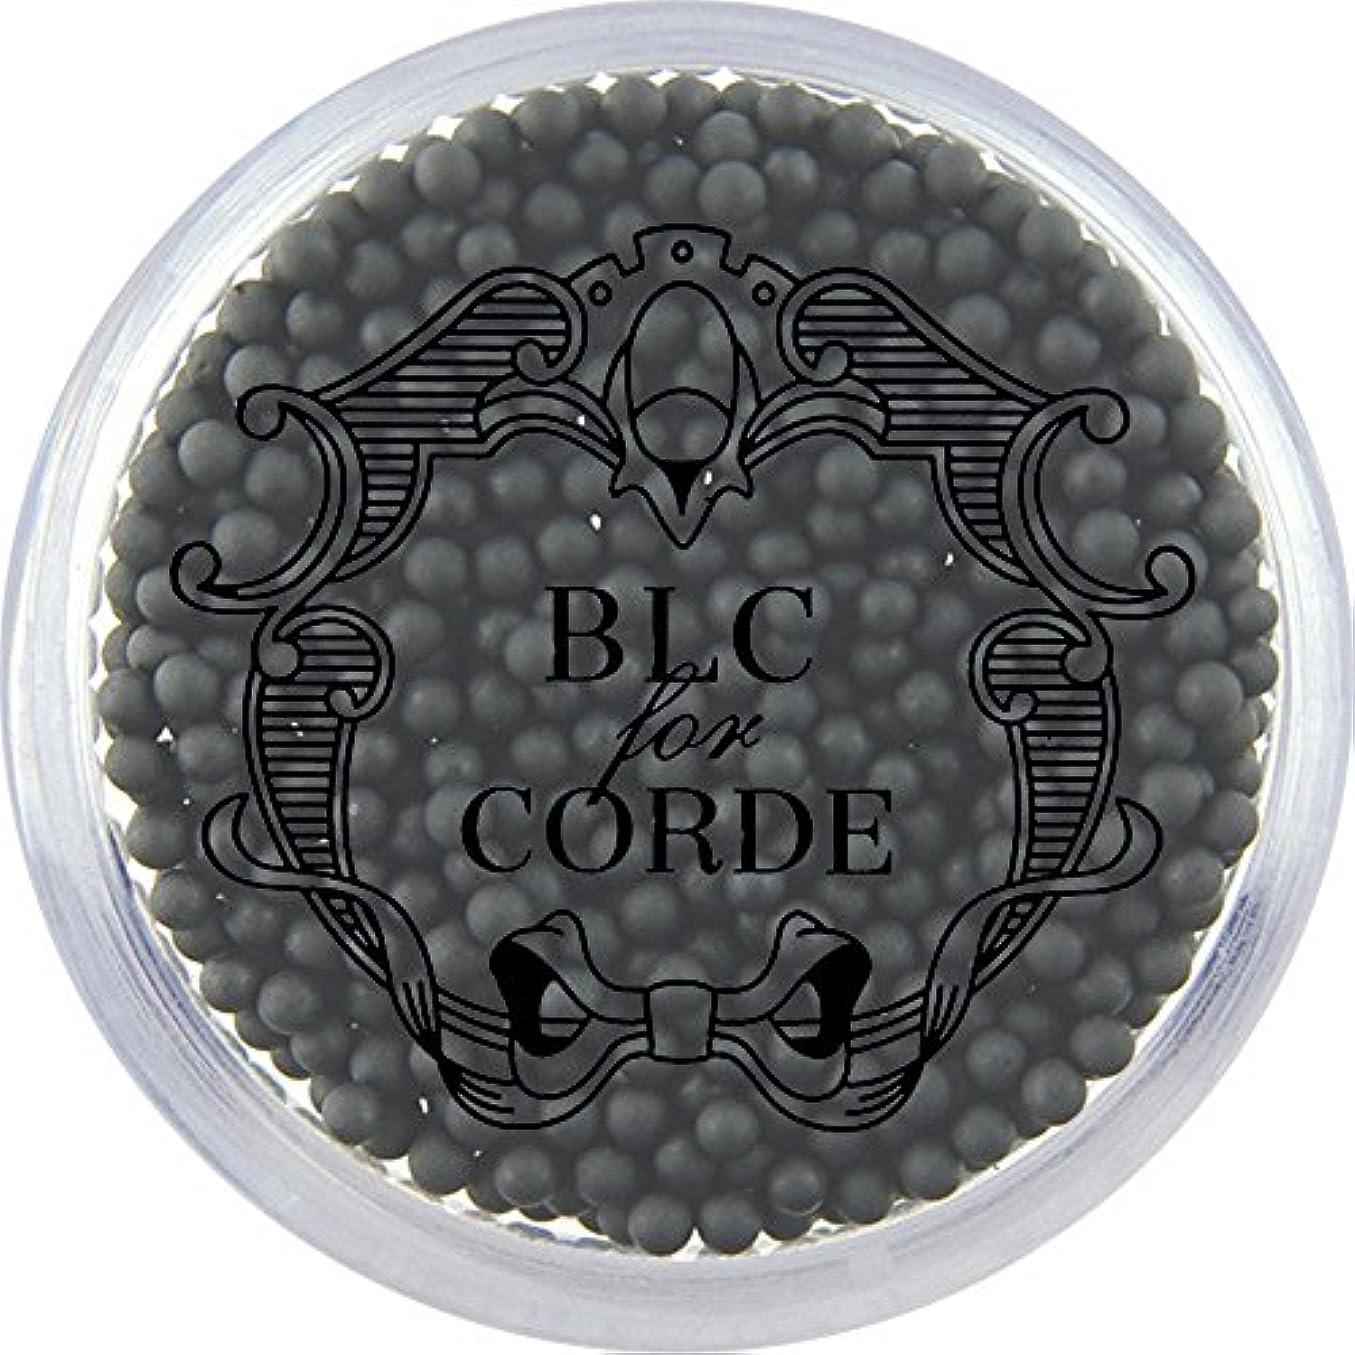 彼らのものさせる罹患率BLC FOR CORDE ガラスブリオン ブラック